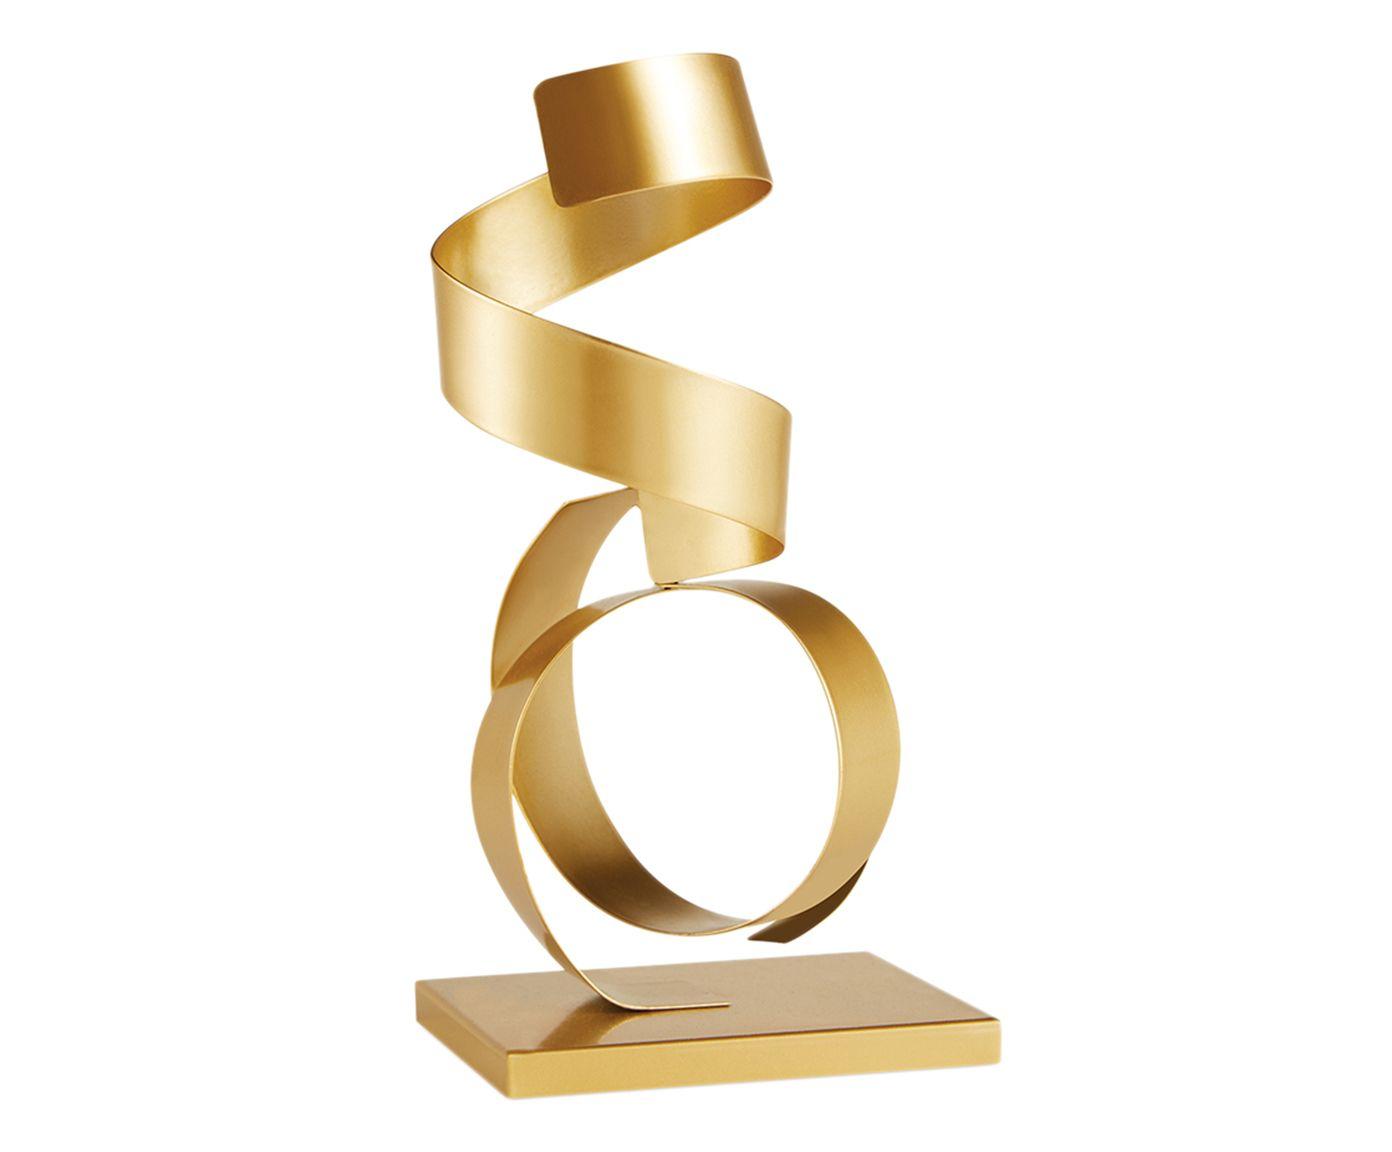 Adorno Round - 12,5X27,5X10cm | Westwing.com.br